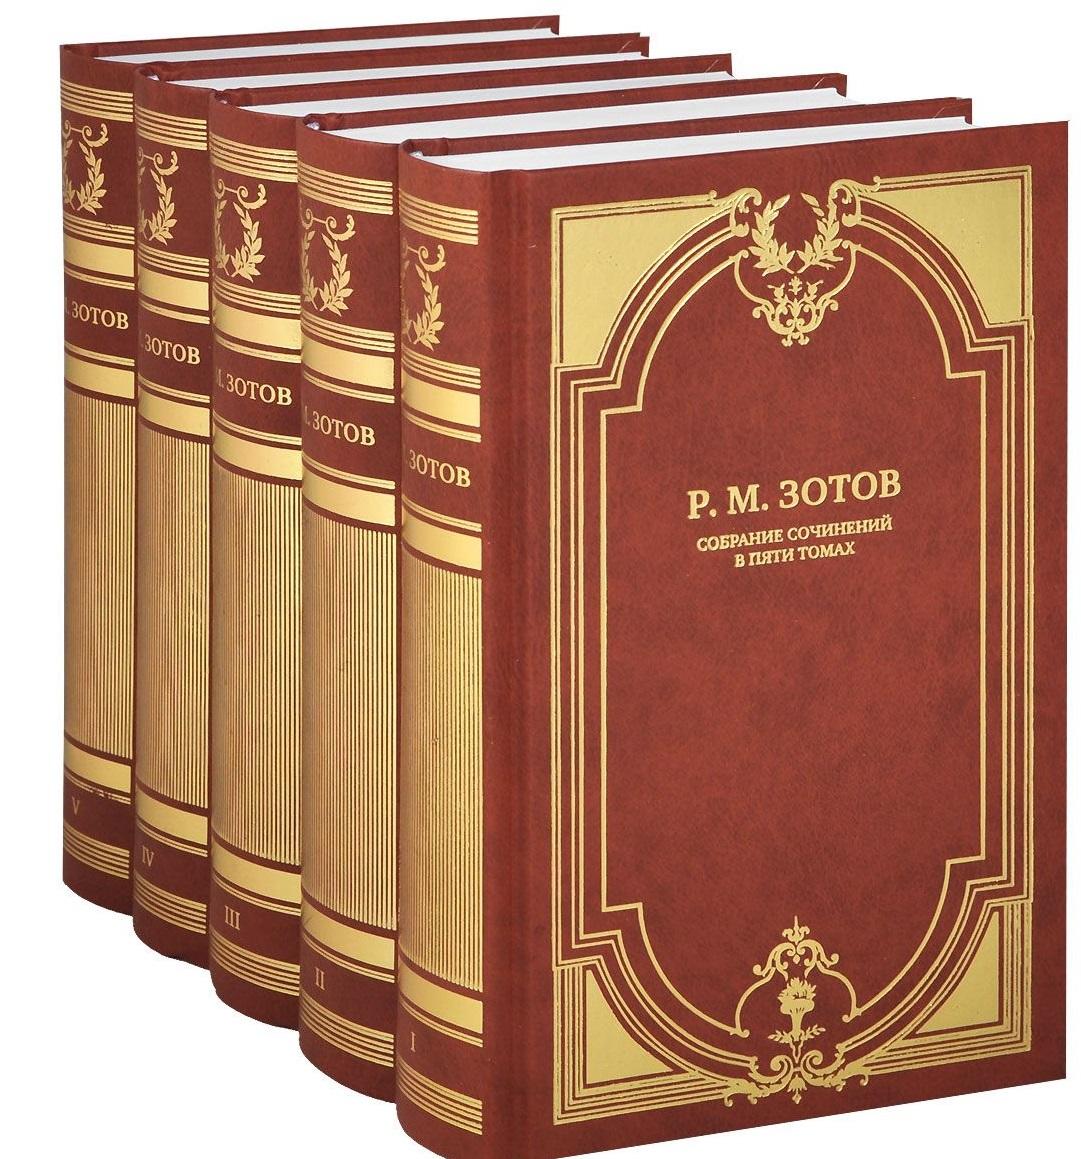 Зотов Р. Собрание сочинений в пяти томах (комплект из 5 книг) маяковский в вл маяковский собрание сочинений в пяти томах комплект из 5 книг